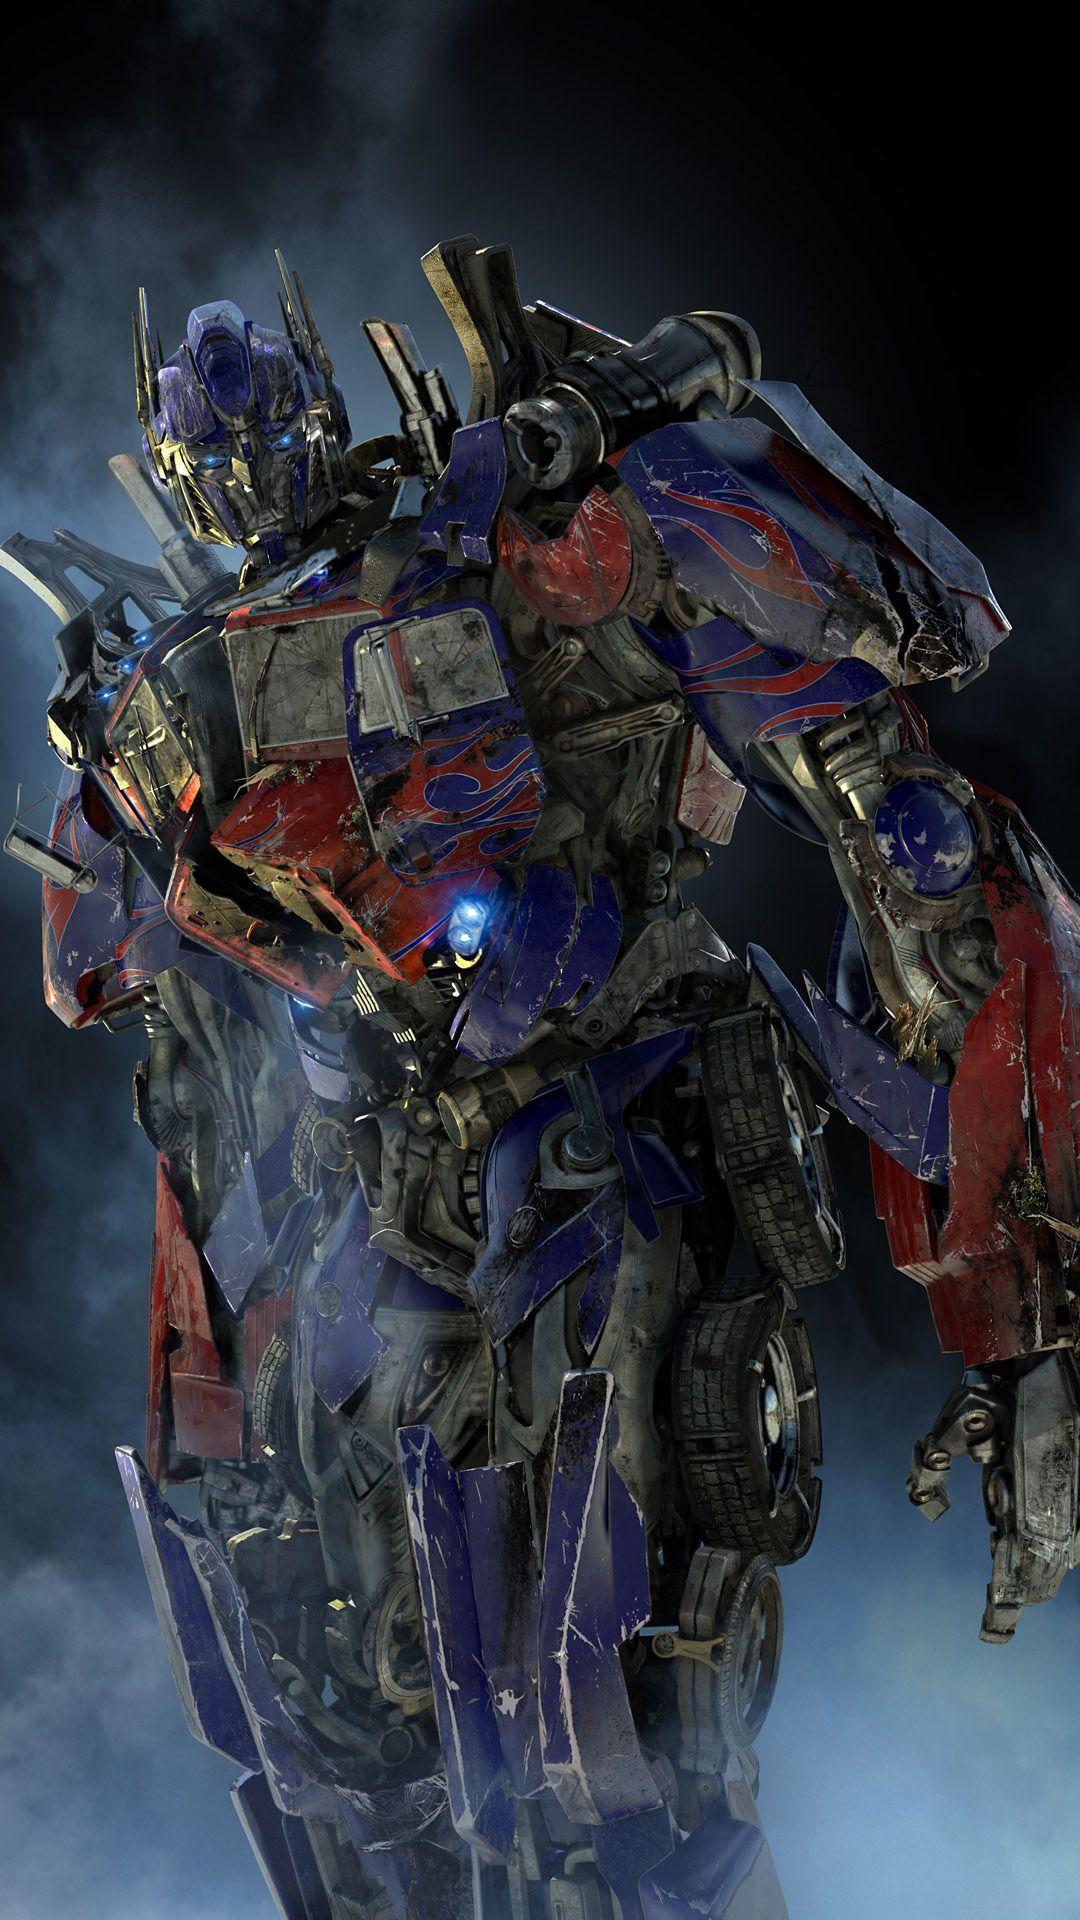 Optimus prime transformers mobile wallpaper 11106 - Transformers prime wallpaper ...